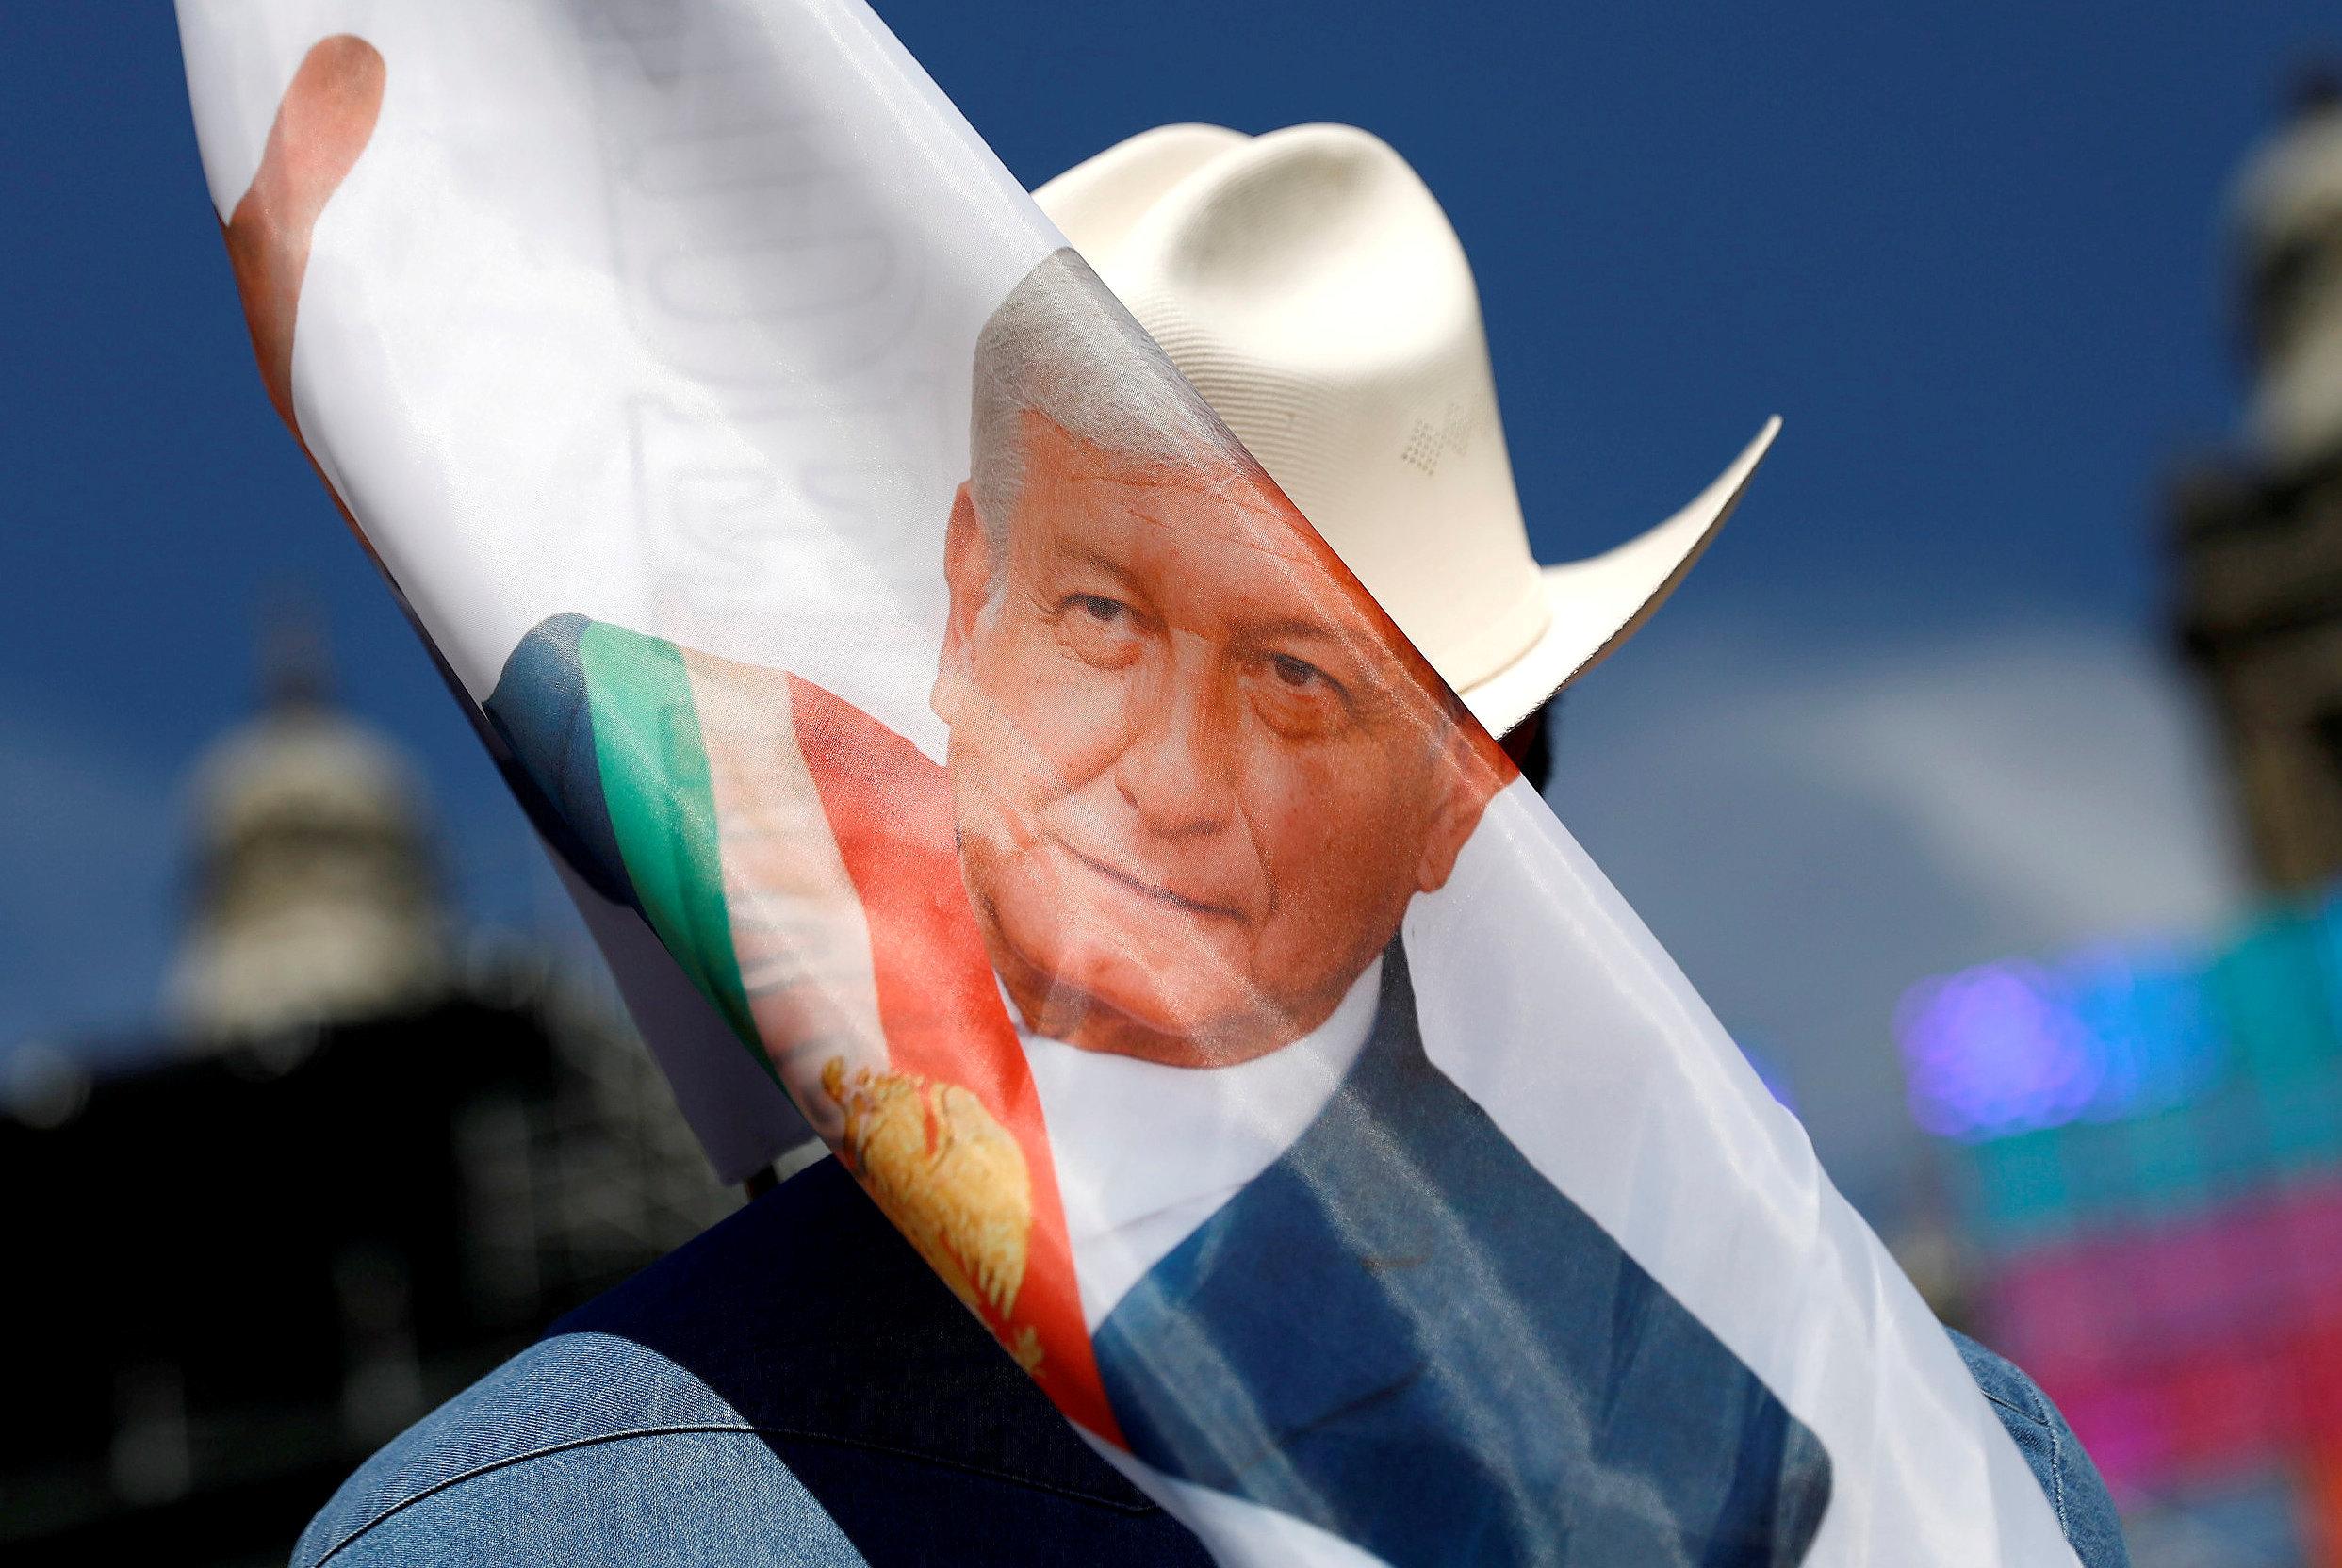 مؤيد لرئيس المكسيك الجديد يحمل لافتة أثناء انتظار وصوله